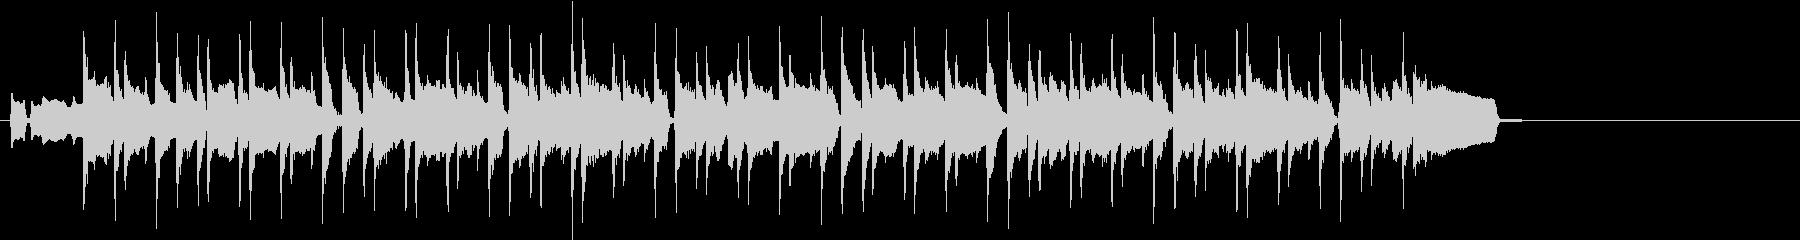 フルート主旋律のボサノヴァジングルの未再生の波形